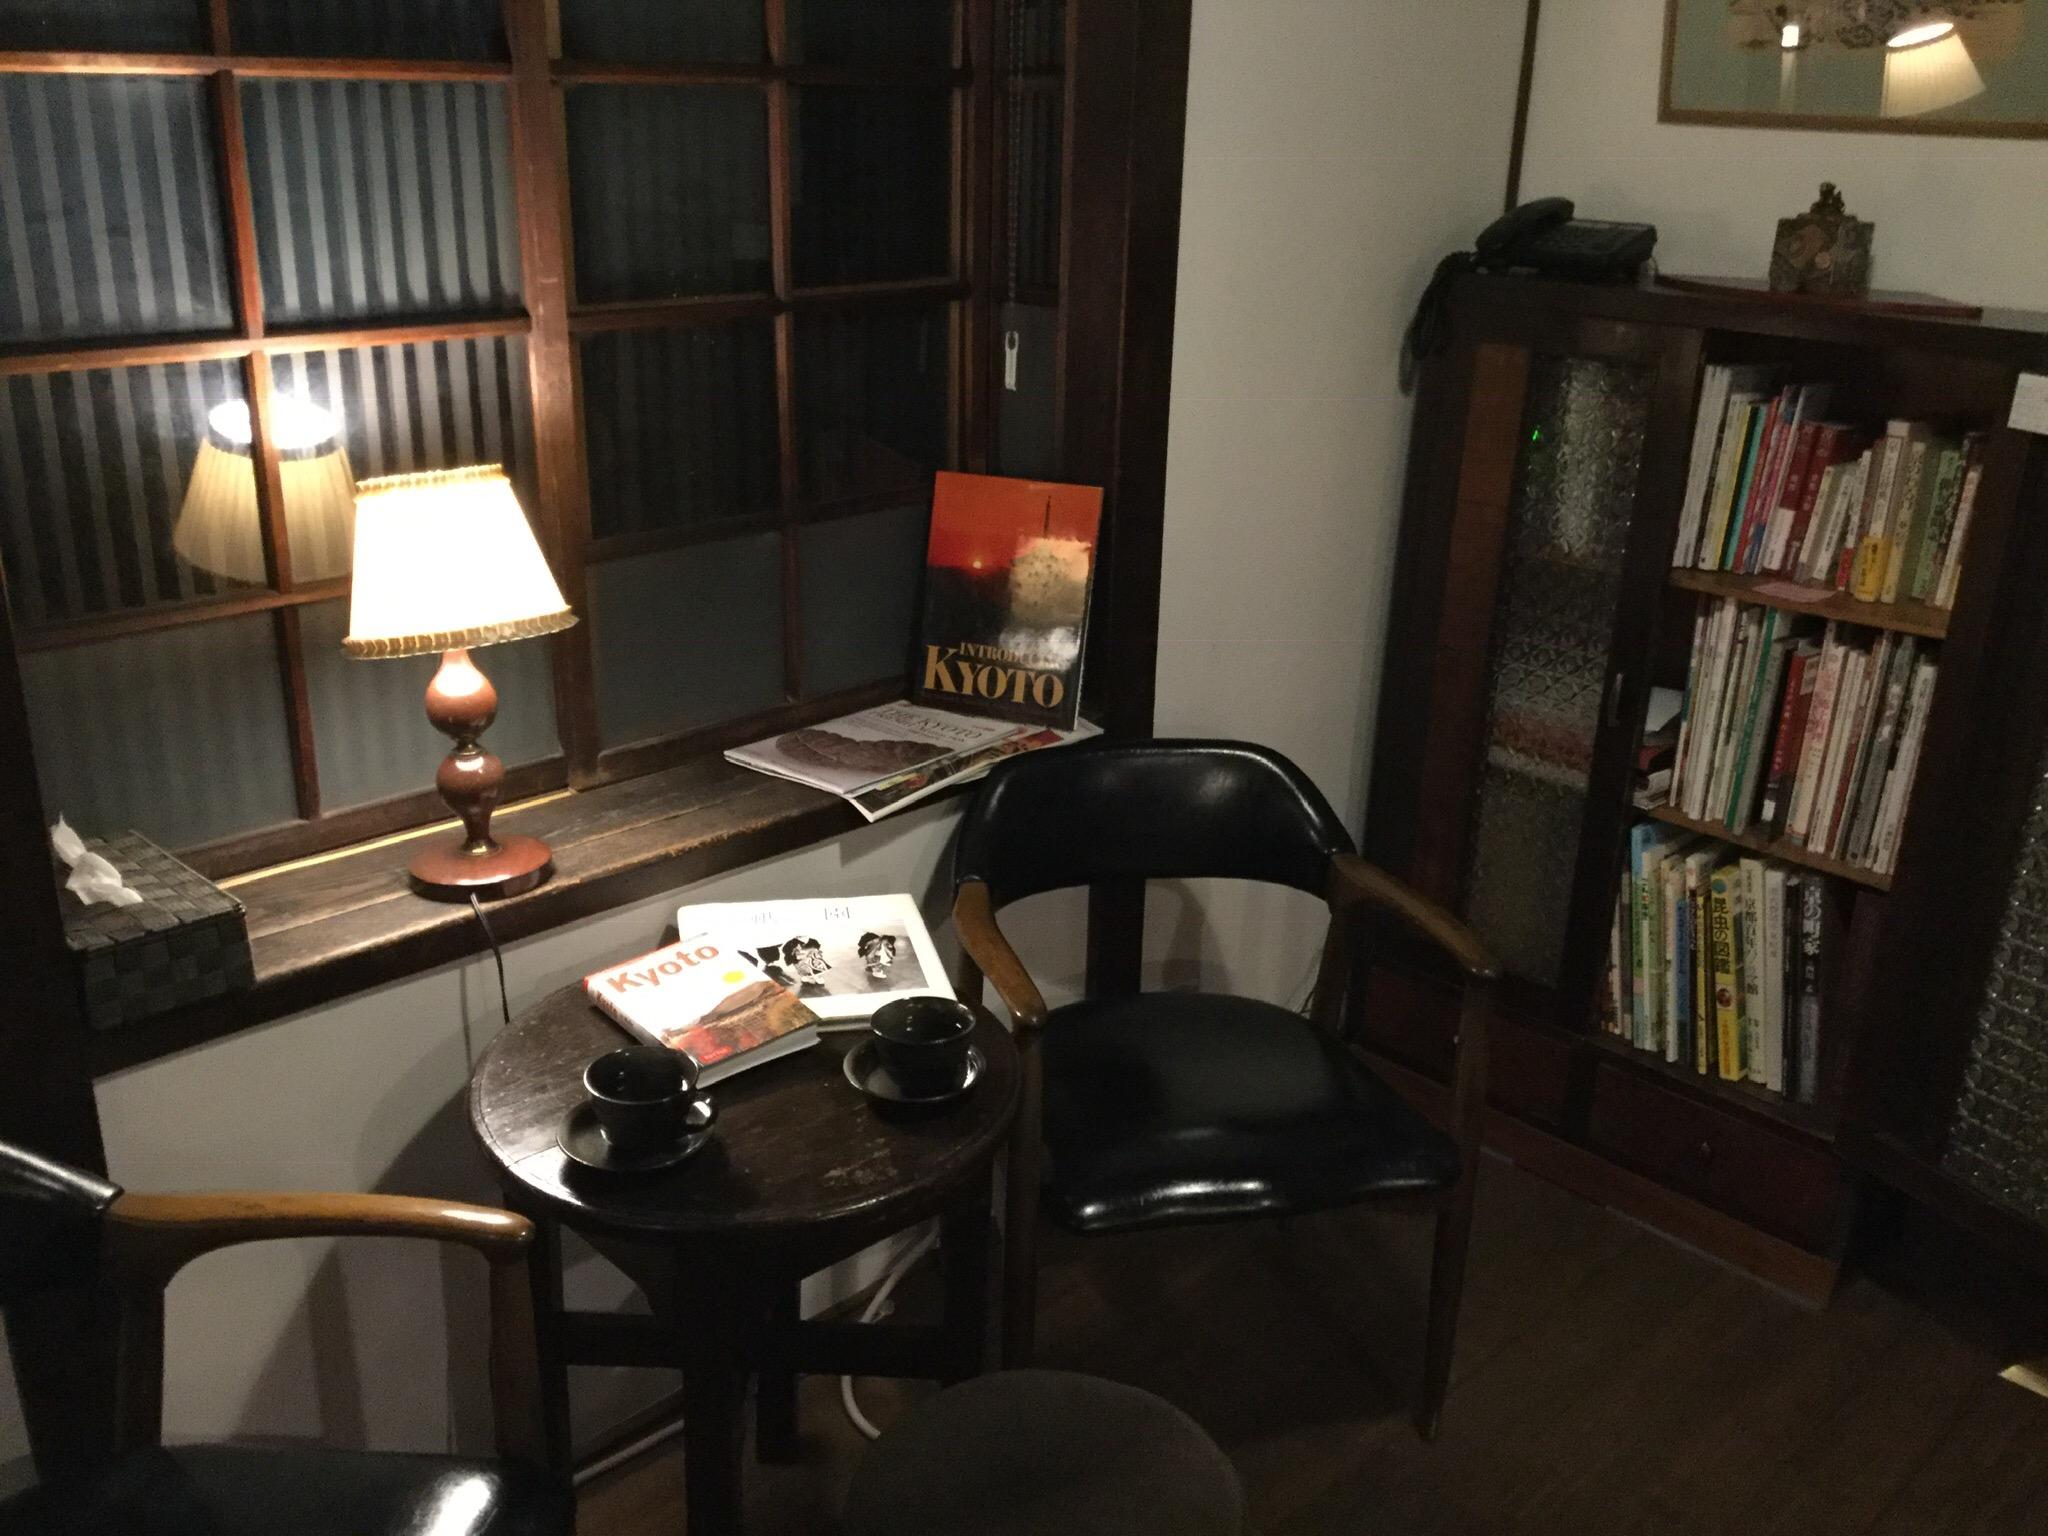 一階 表の間、レトロなひと時を、沢山の京都本が本棚に